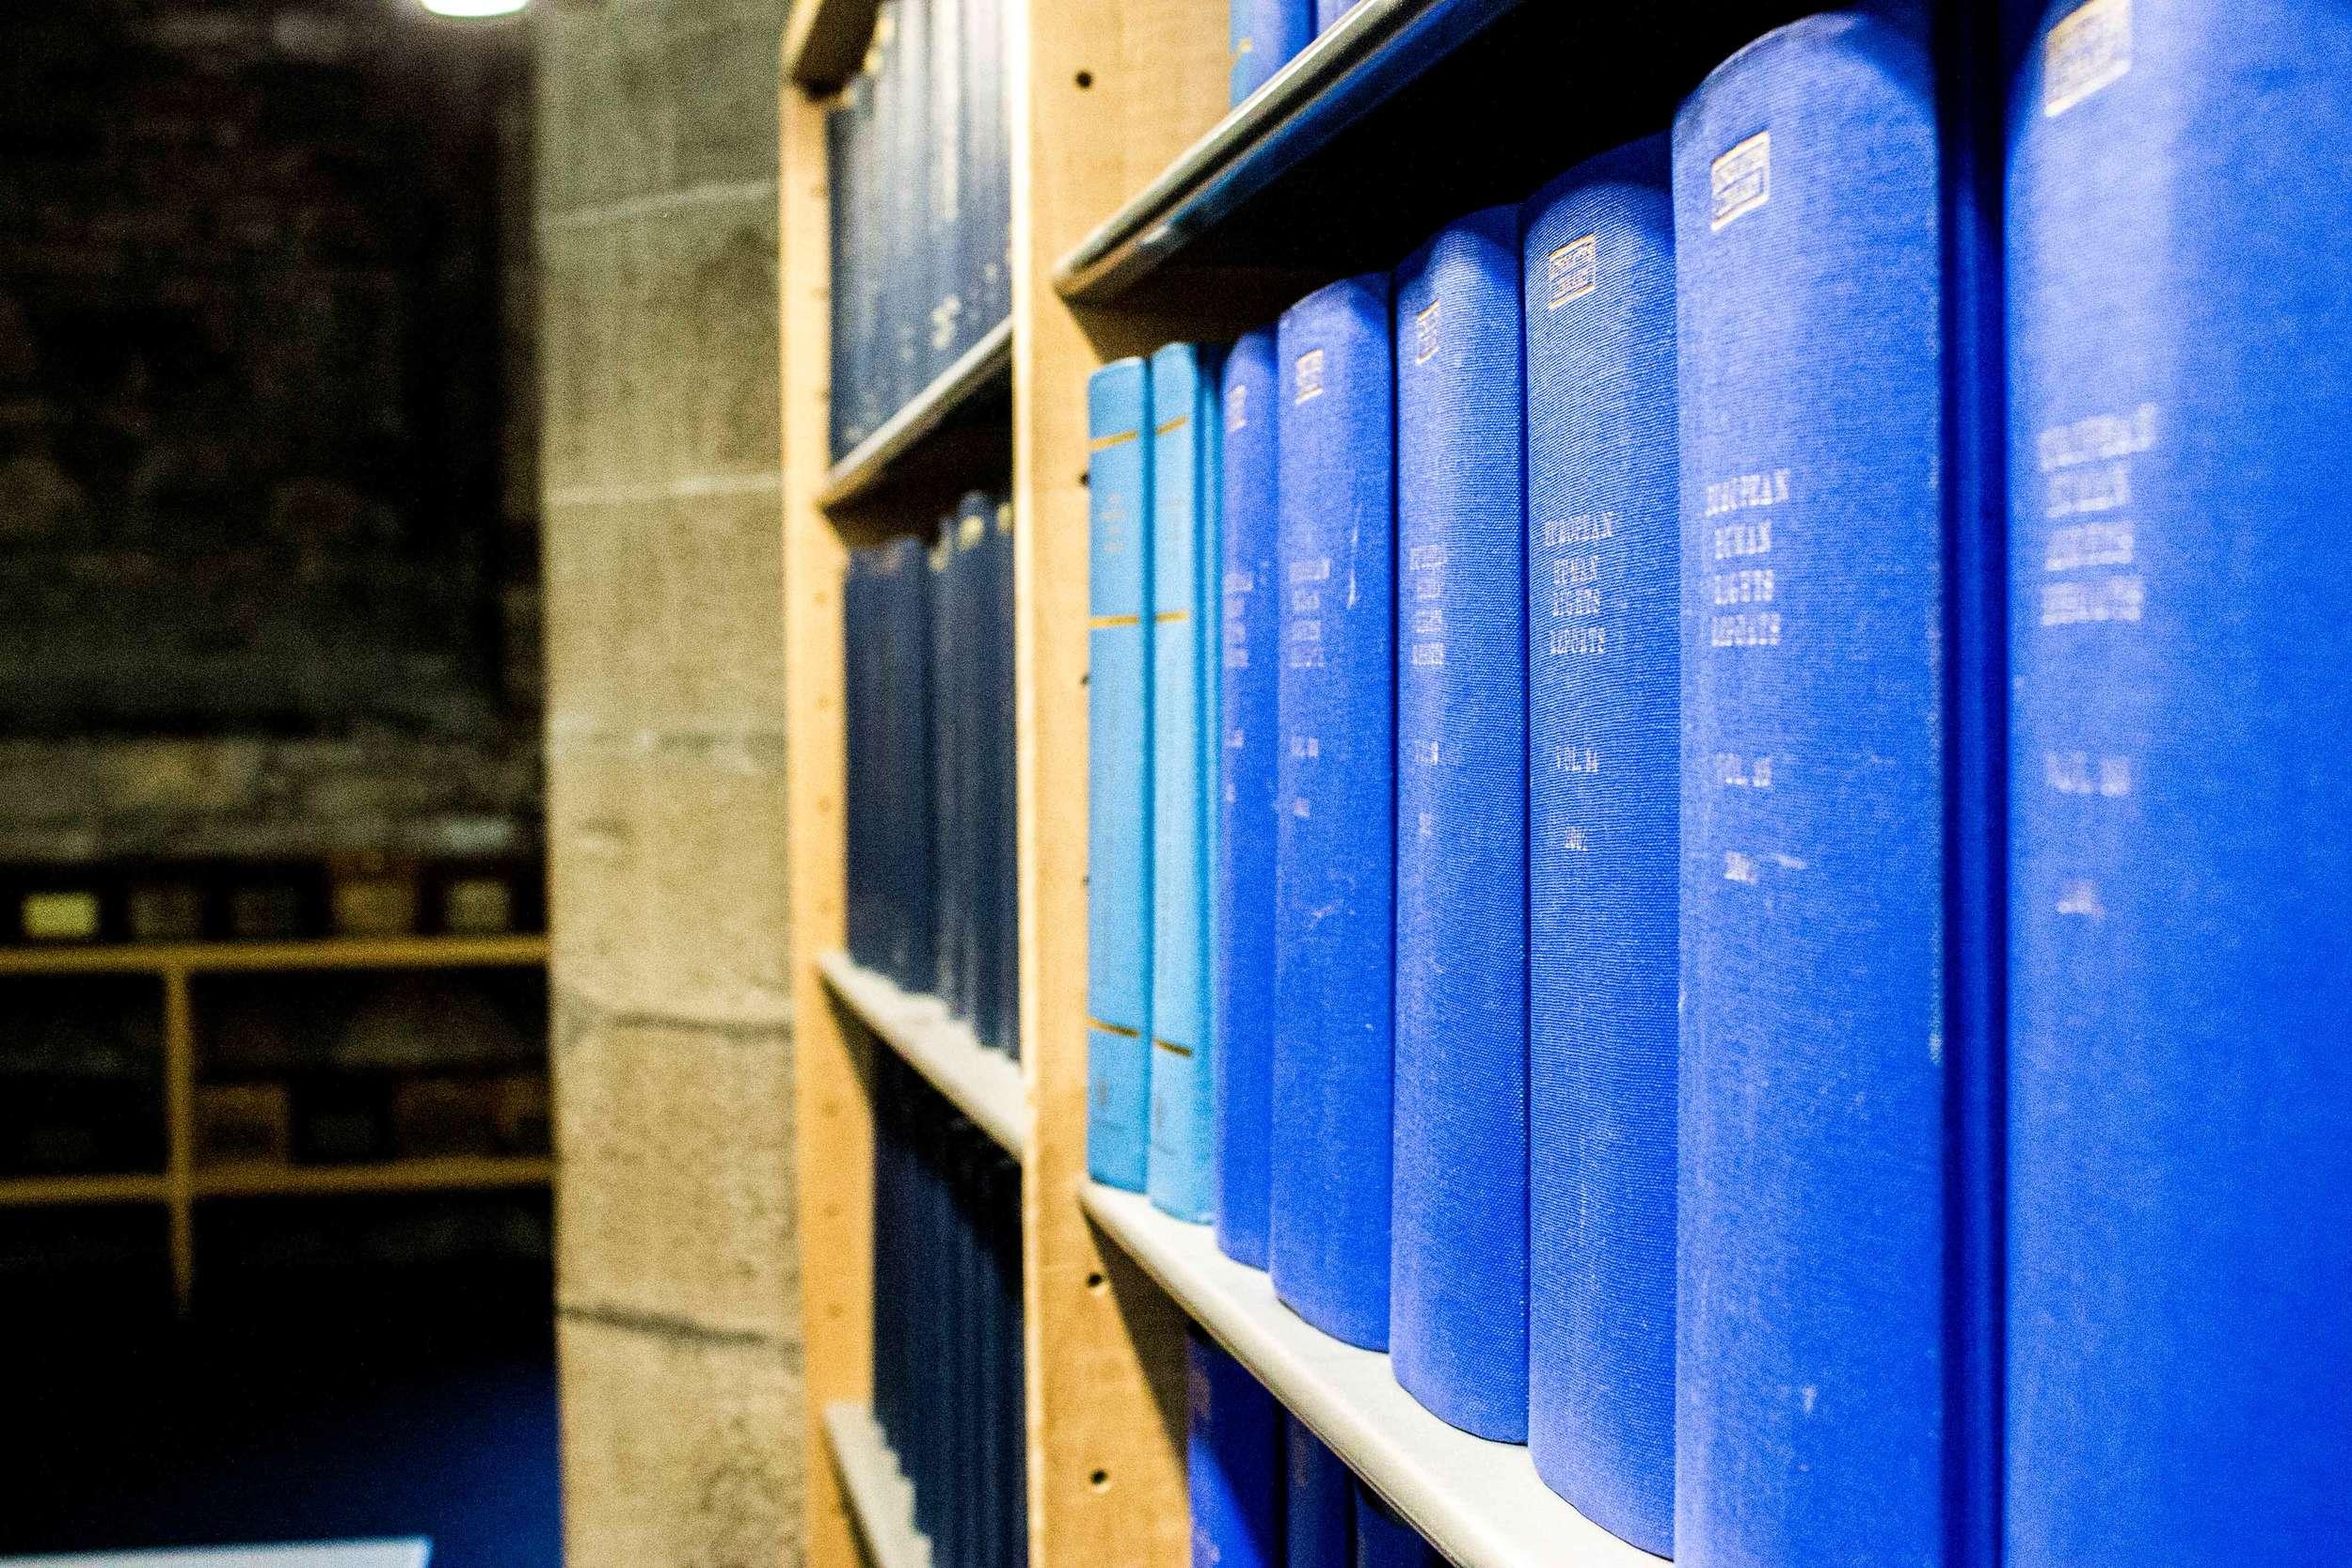 Periodicals various hard bound